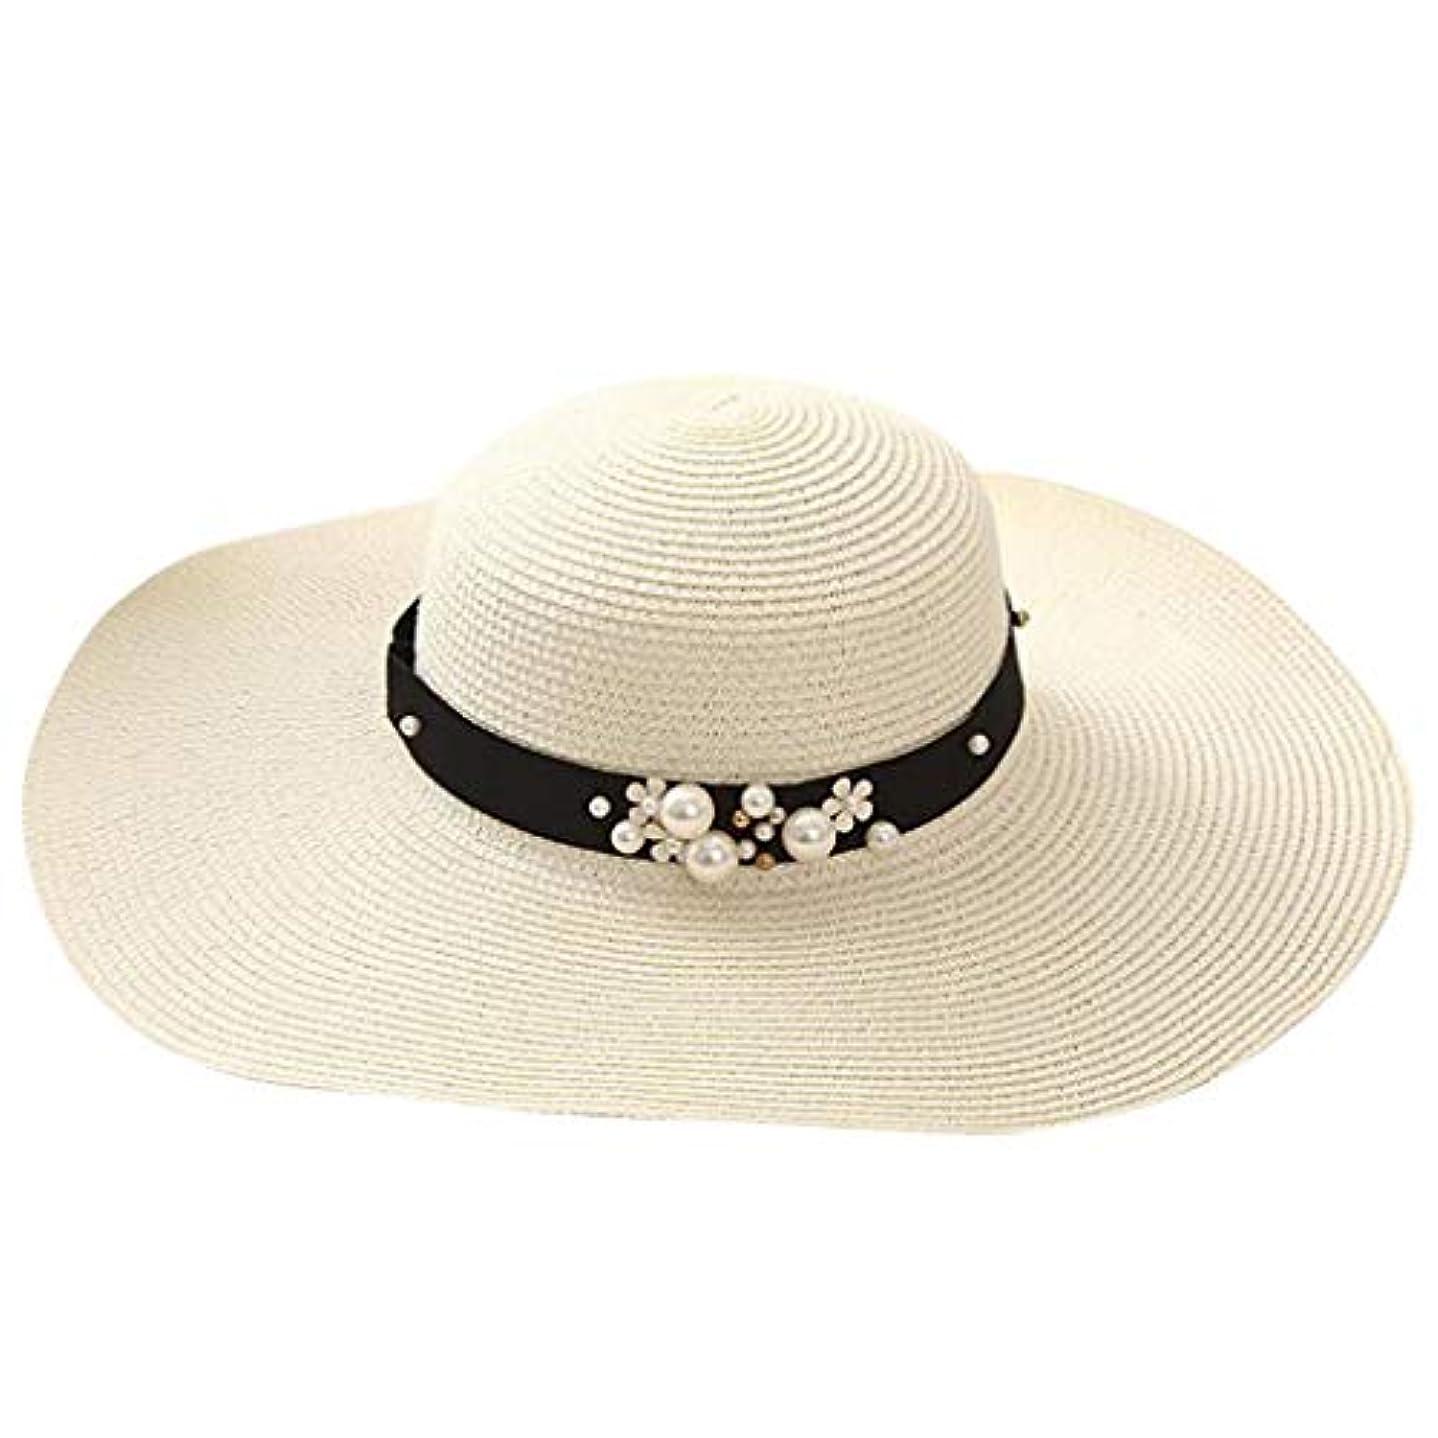 行うひどく症候群漁師の帽子 ROSE ROMAN UVカット 帽子 帽子 レディース 麦わら帽子 UV帽子 紫外線対策 通気性 取り外すあご紐 サイズ調節可 つば広 おしゃれ 可愛い ハット 旅行用 日よけ 夏季 女優帽 小顔効果抜群